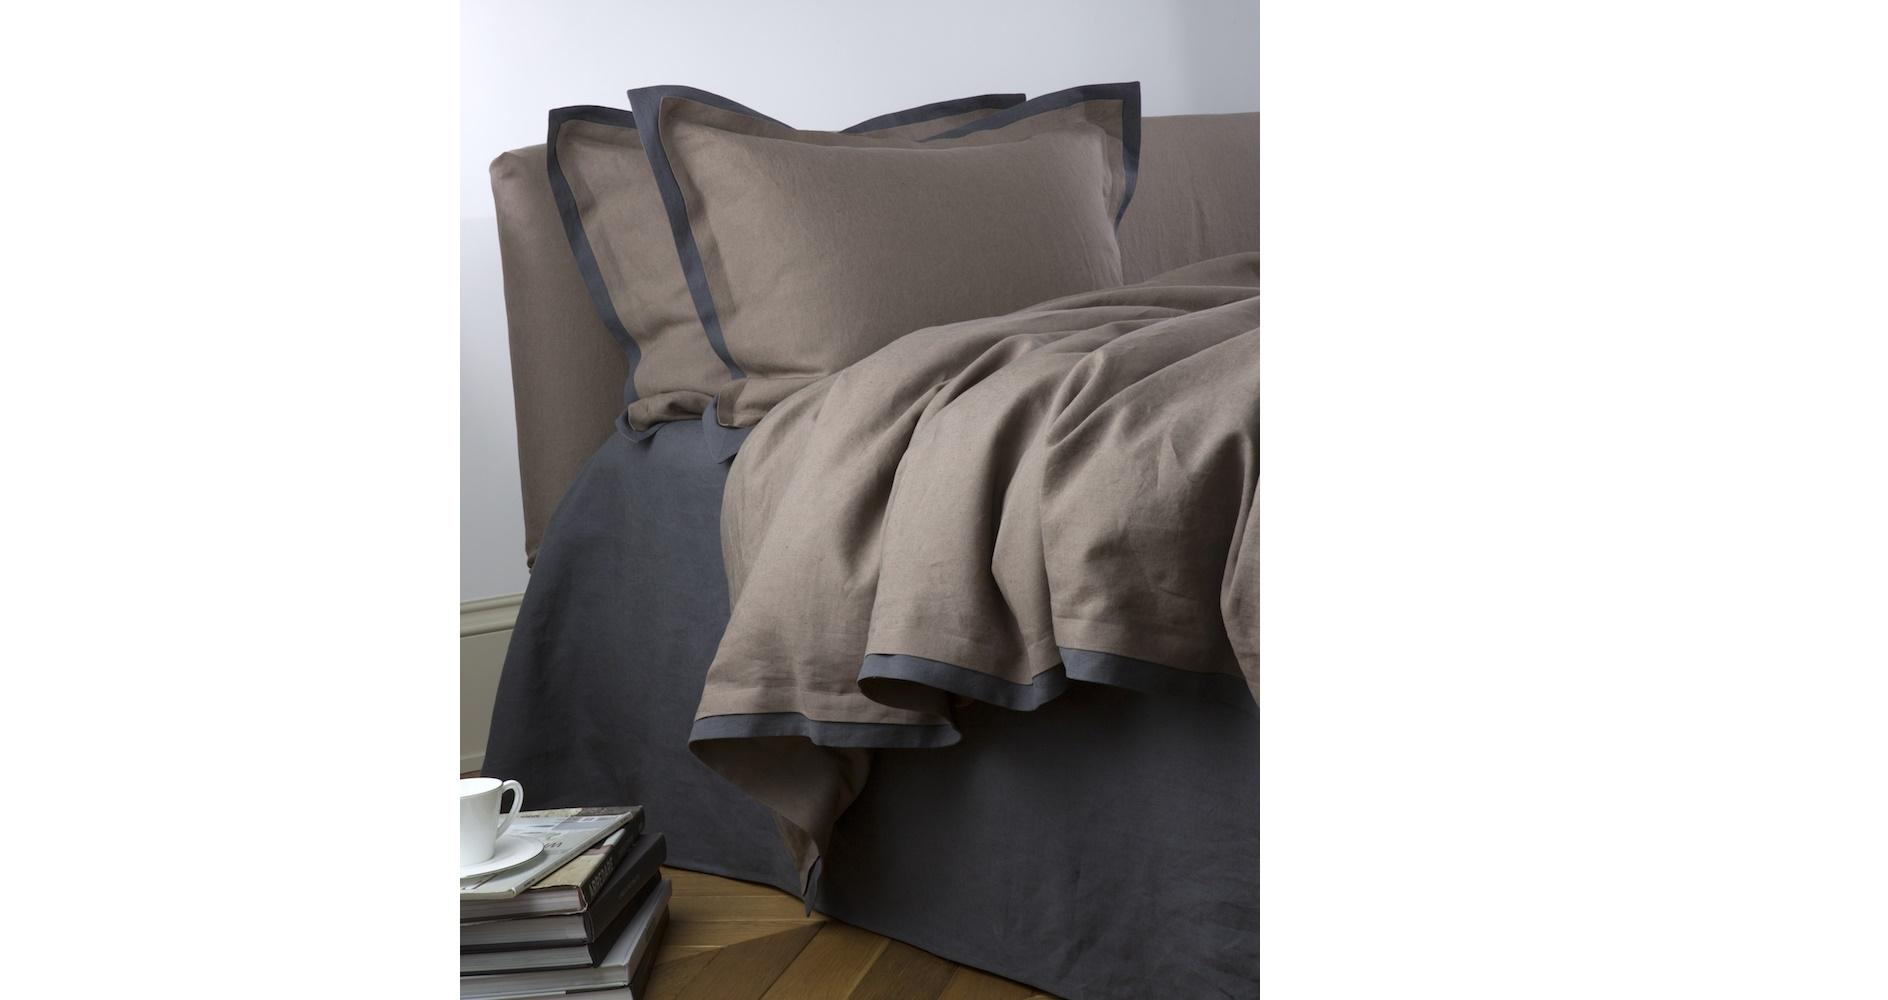 Комплект  постельного белья VELA RICCIO G (королевский)Двуспальные комплекты постельного белья<br>Это белье с винтажным акцентом изготовлено из натурального льна плотностью 115 ТС. Готовую ткань обработали варкой для придания эффекта мятости. Лен стирают в машинке при 40°С, предварительно застегнув молнии, а гладят влажным при 200°С. Можно и вовсе не гладить, чтоб сохранить упомянутый &amp;quot;жатый&amp;quot; эффект. В комплекте пододеяльник - 240х220 см, простынь - 260х280 см и две наволочки 50х70 см. Наволочки и пододеяльник натурального &amp;quot;небеленого&amp;quot; цвета украшены кантом из серой ткани, простынь окрашена в серый оттенок. Набор красиво упакован в подарочную коробку.&amp;lt;br&amp;gt;<br><br>Material: Лен<br>Length см: 280<br>Width см: 260